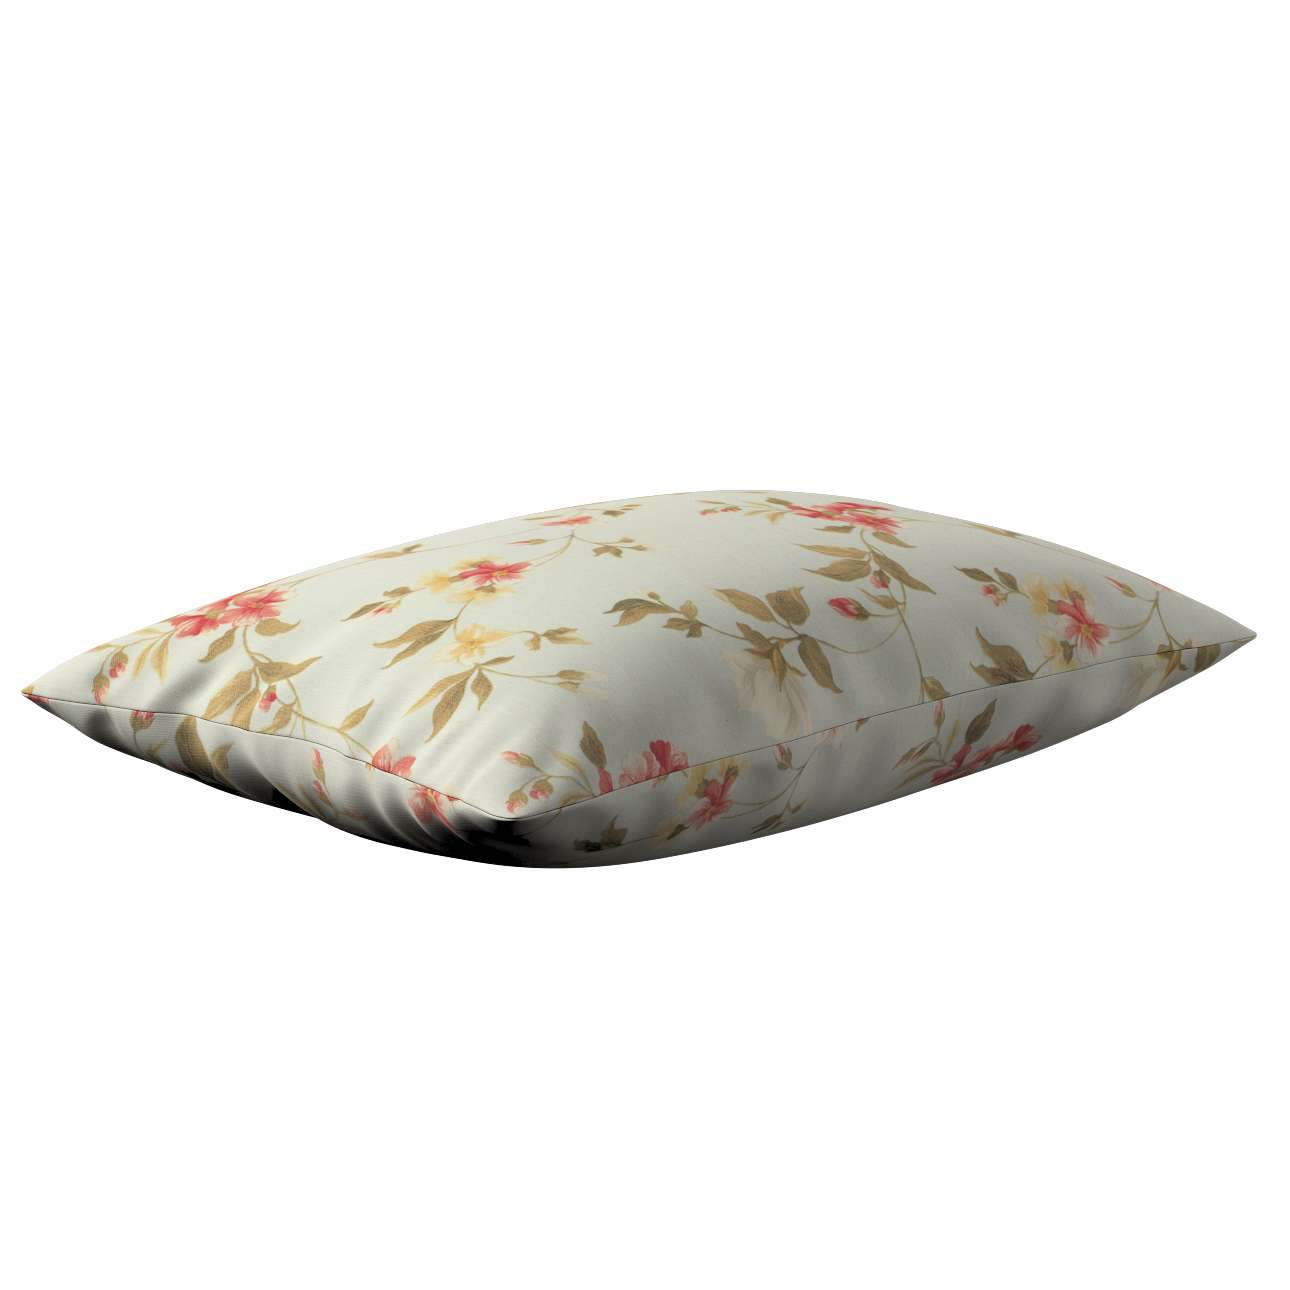 Kinga dekoratyvinės pagalvėlės užvalkalas 60x40cm 60x40cm kolekcijoje Londres, audinys: 124-65